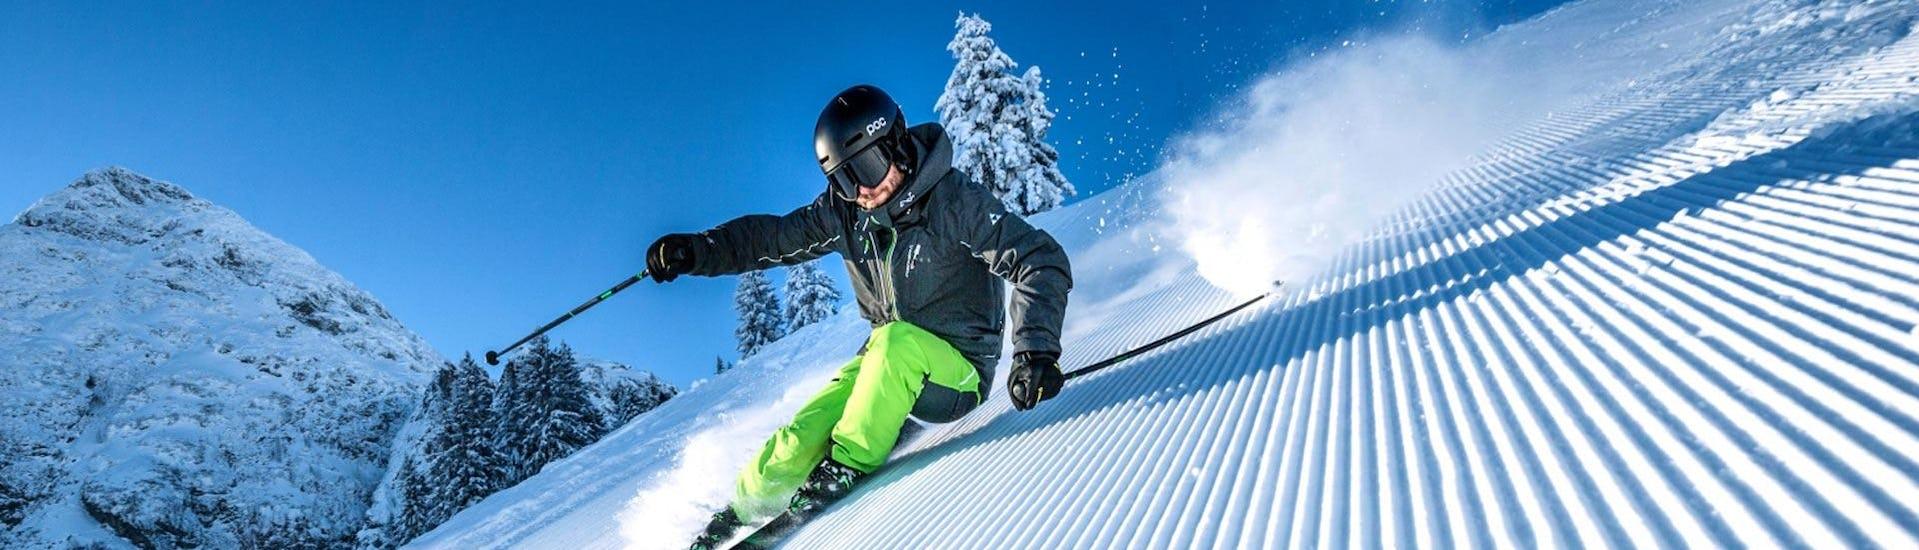 """Skikurs """"Premium"""" für Erwachsene - Fortgeschritten"""